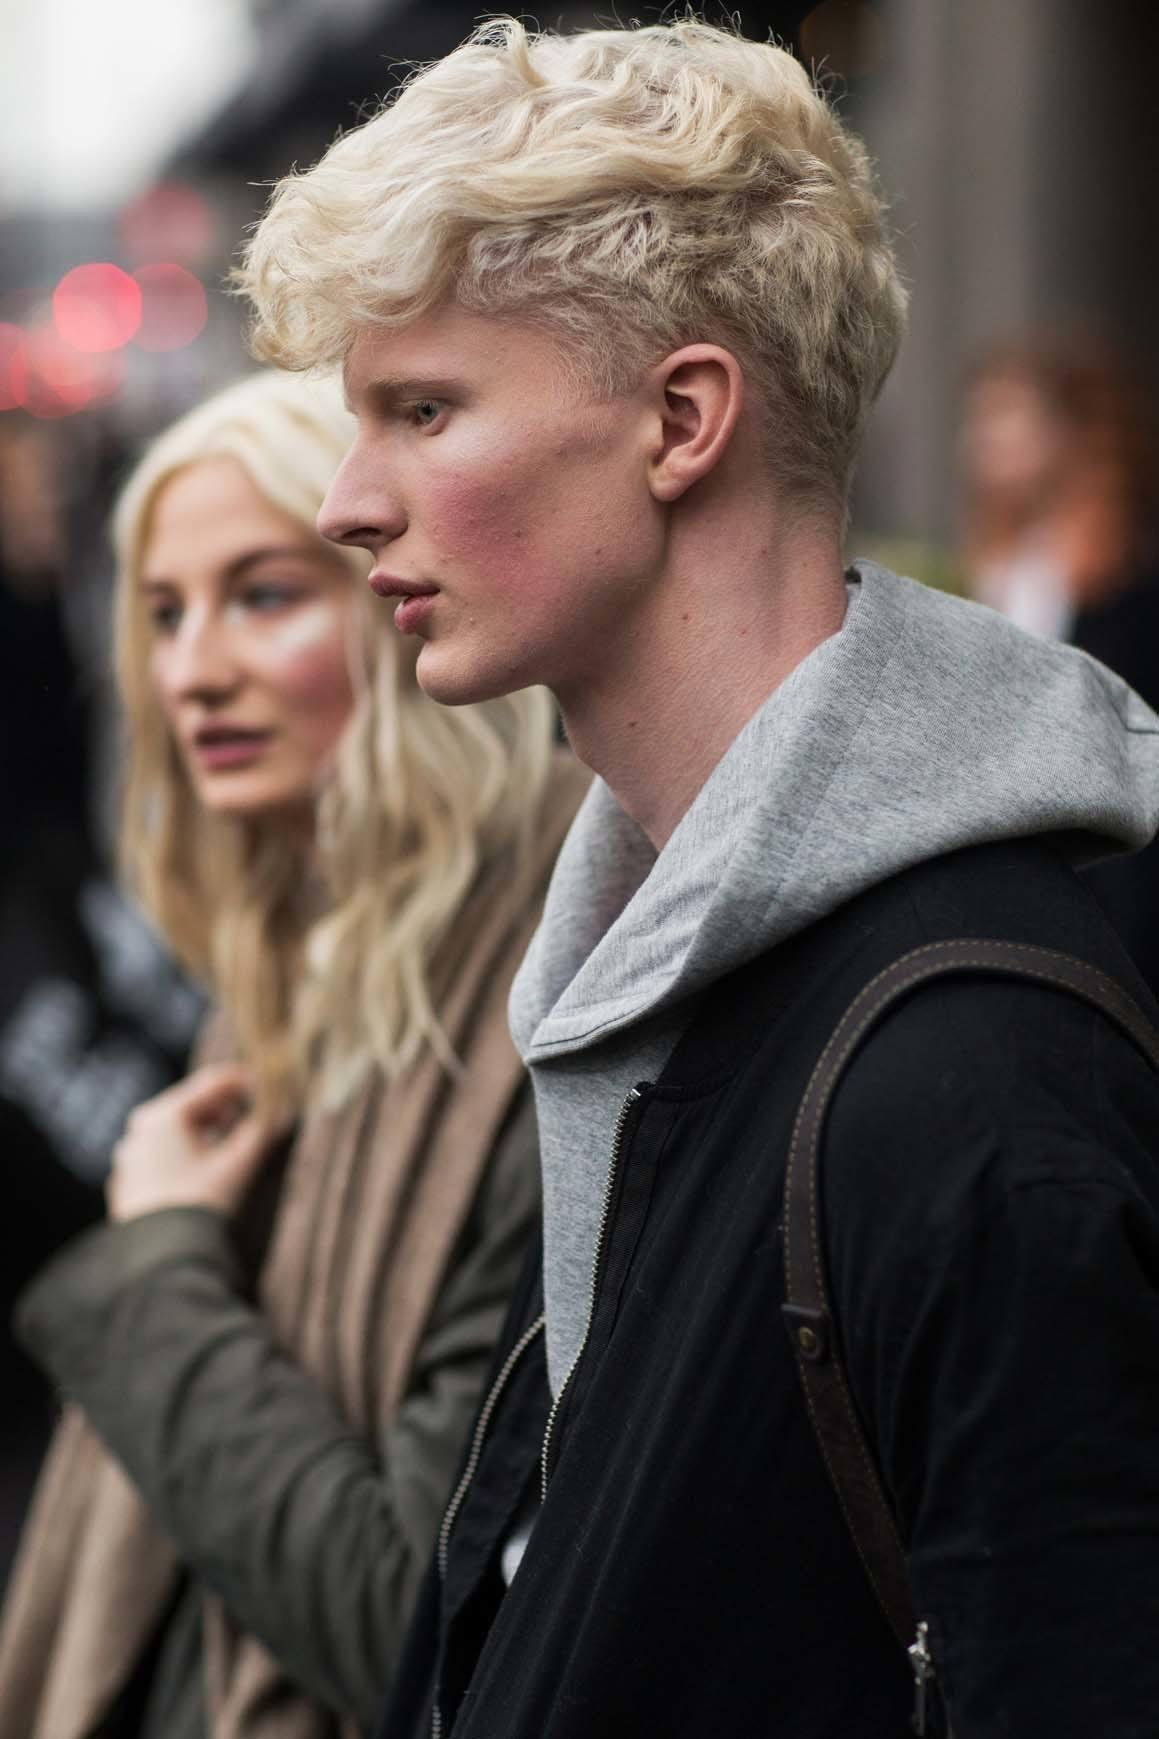 Model rambut pria bergelombang gaya wavy dengan tekstur dan undercut.